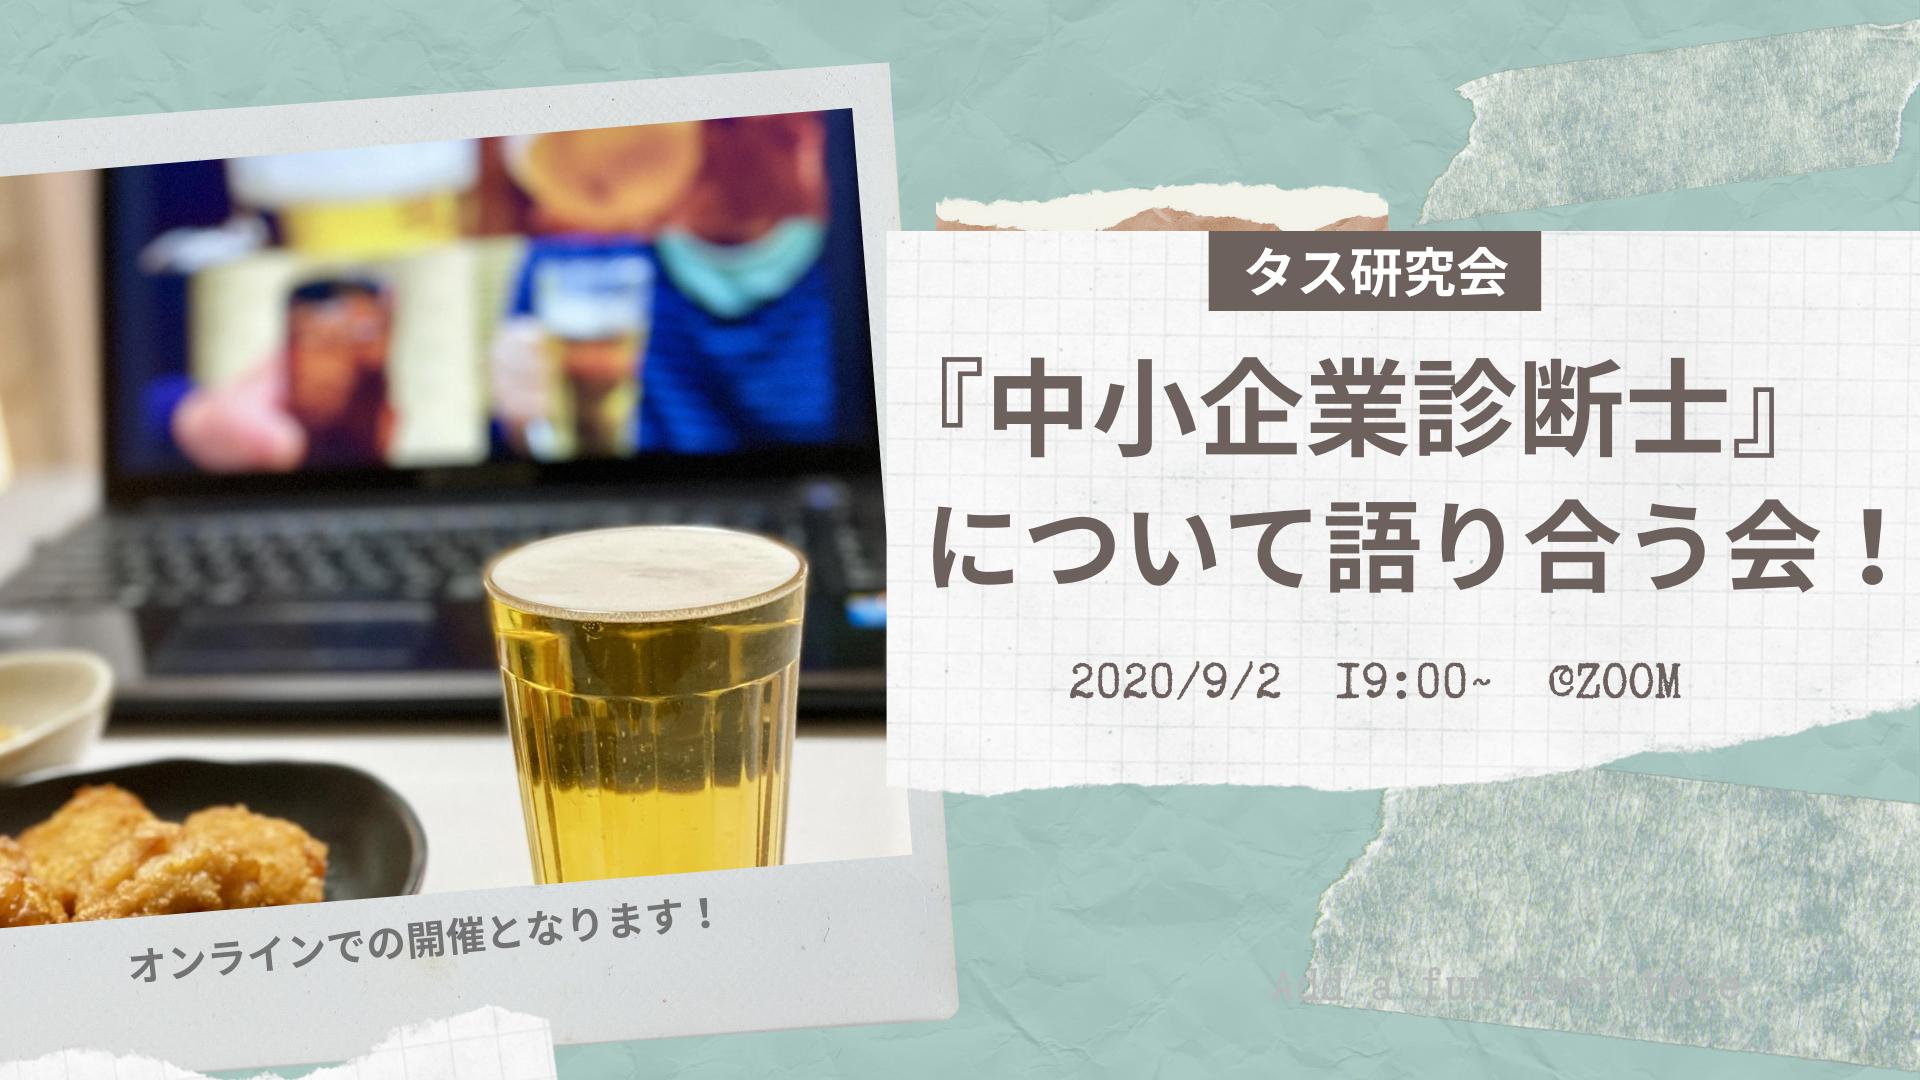 9/2 【タス研究会】中小企業診断士について語り合う会